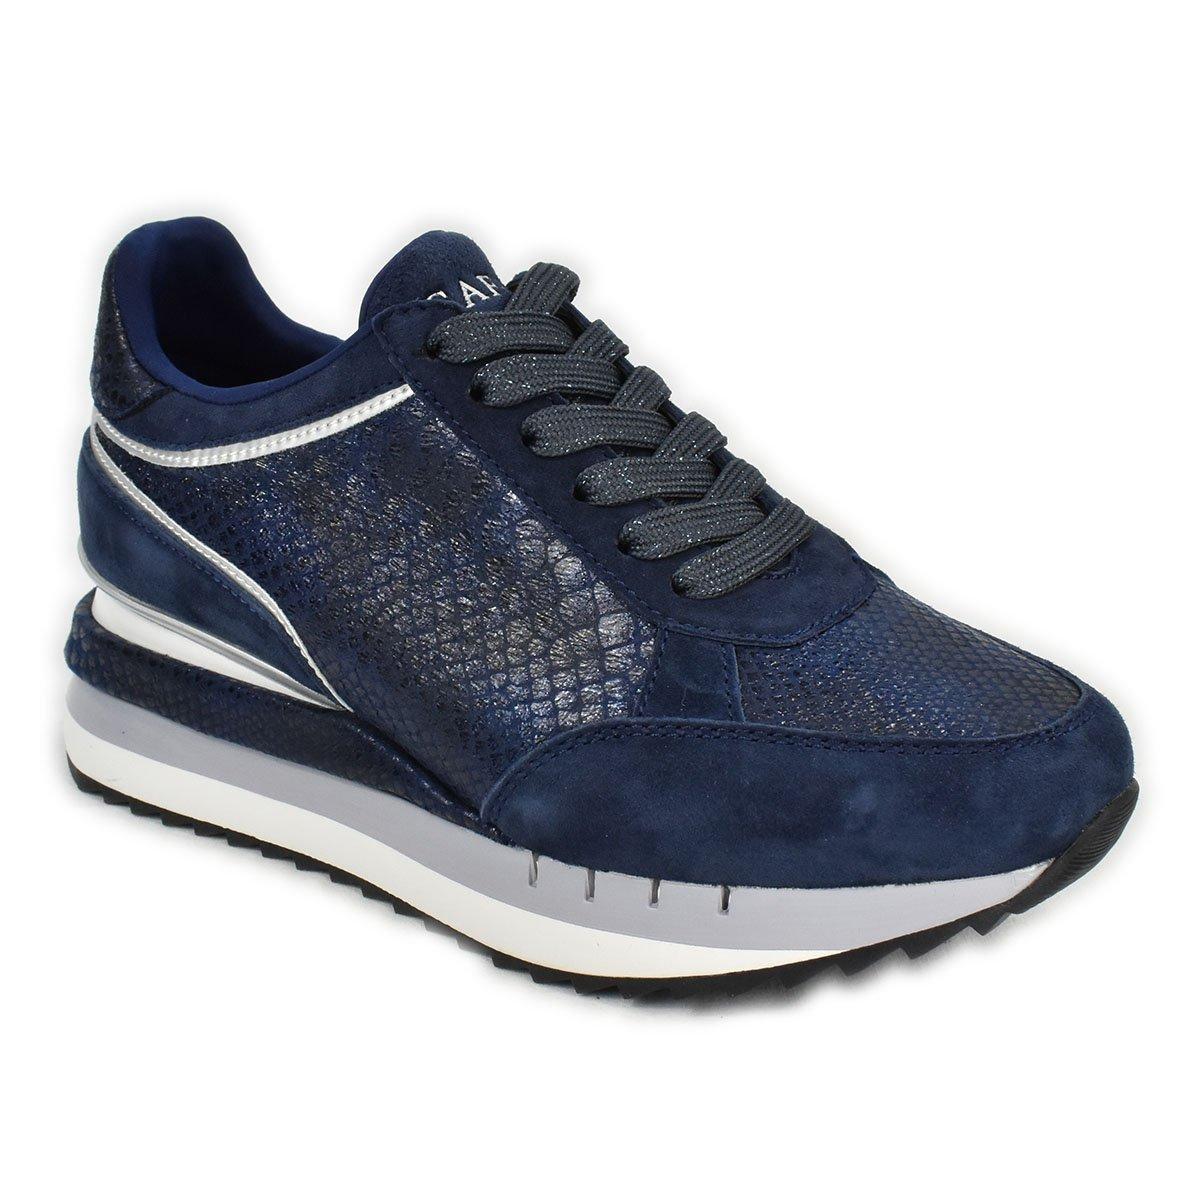 Sneakers scamosciate blu con trama a squame laminate - CafèNoir FDN626